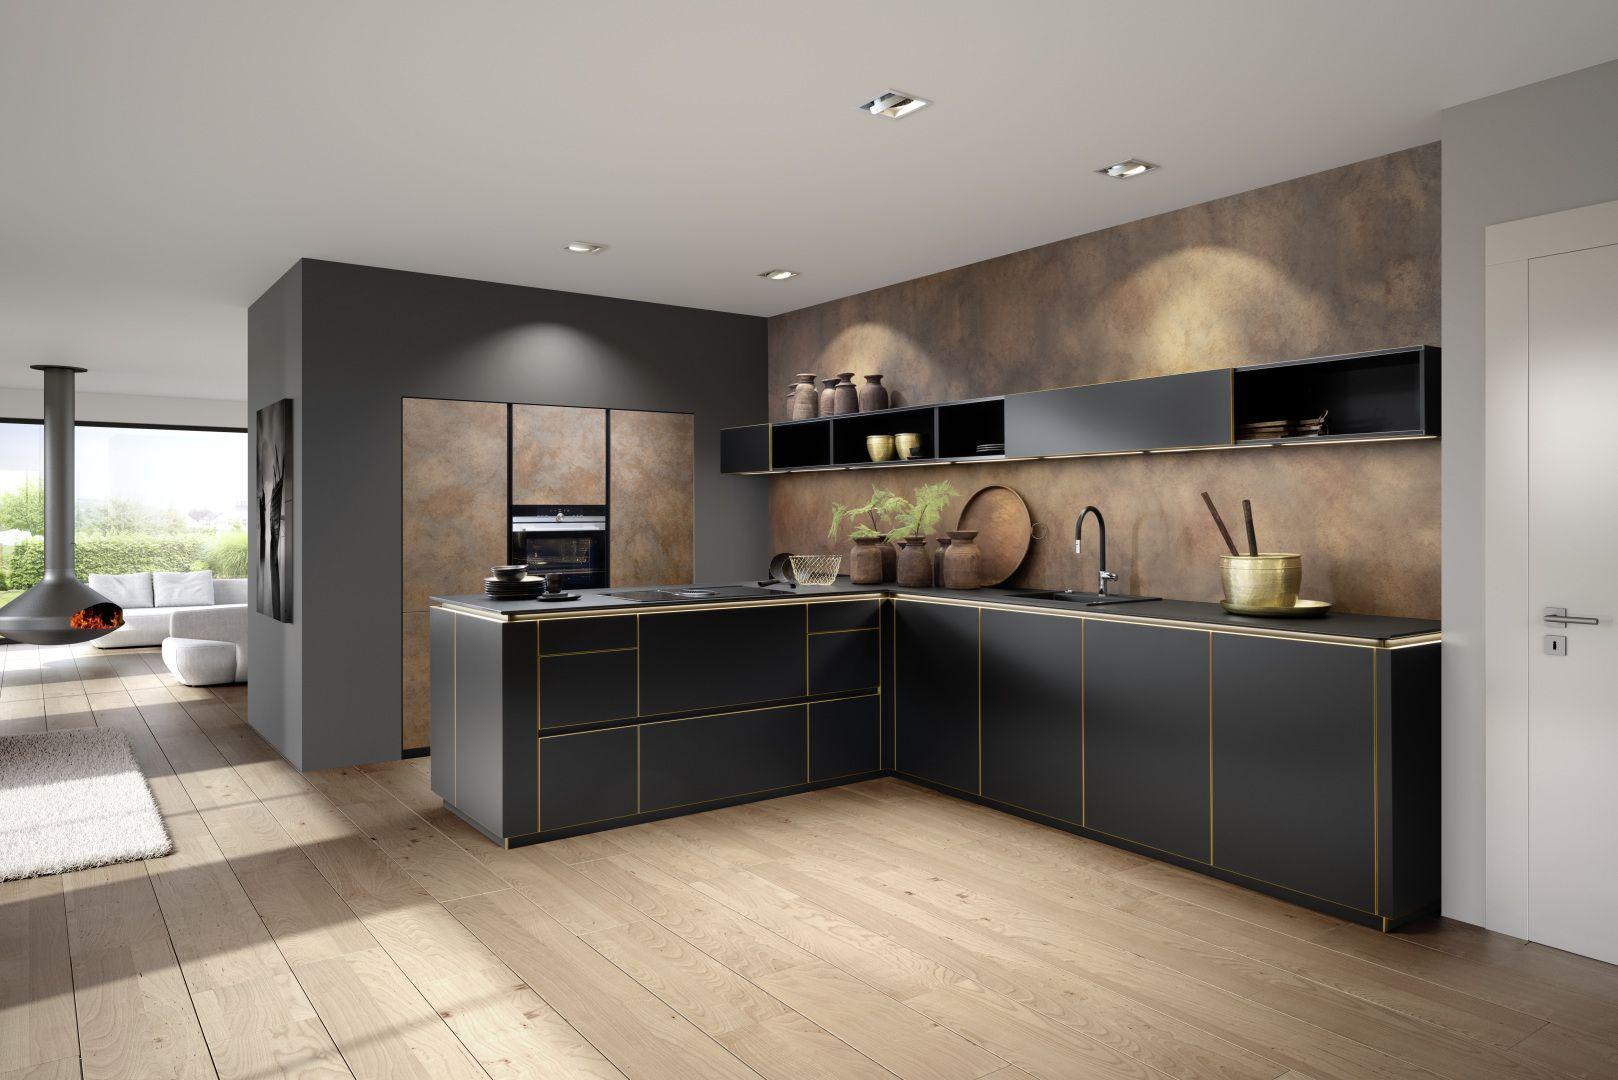 Full Size of Küchenblende Moderne Kchen Kche Wohnzimmer Küchenblende